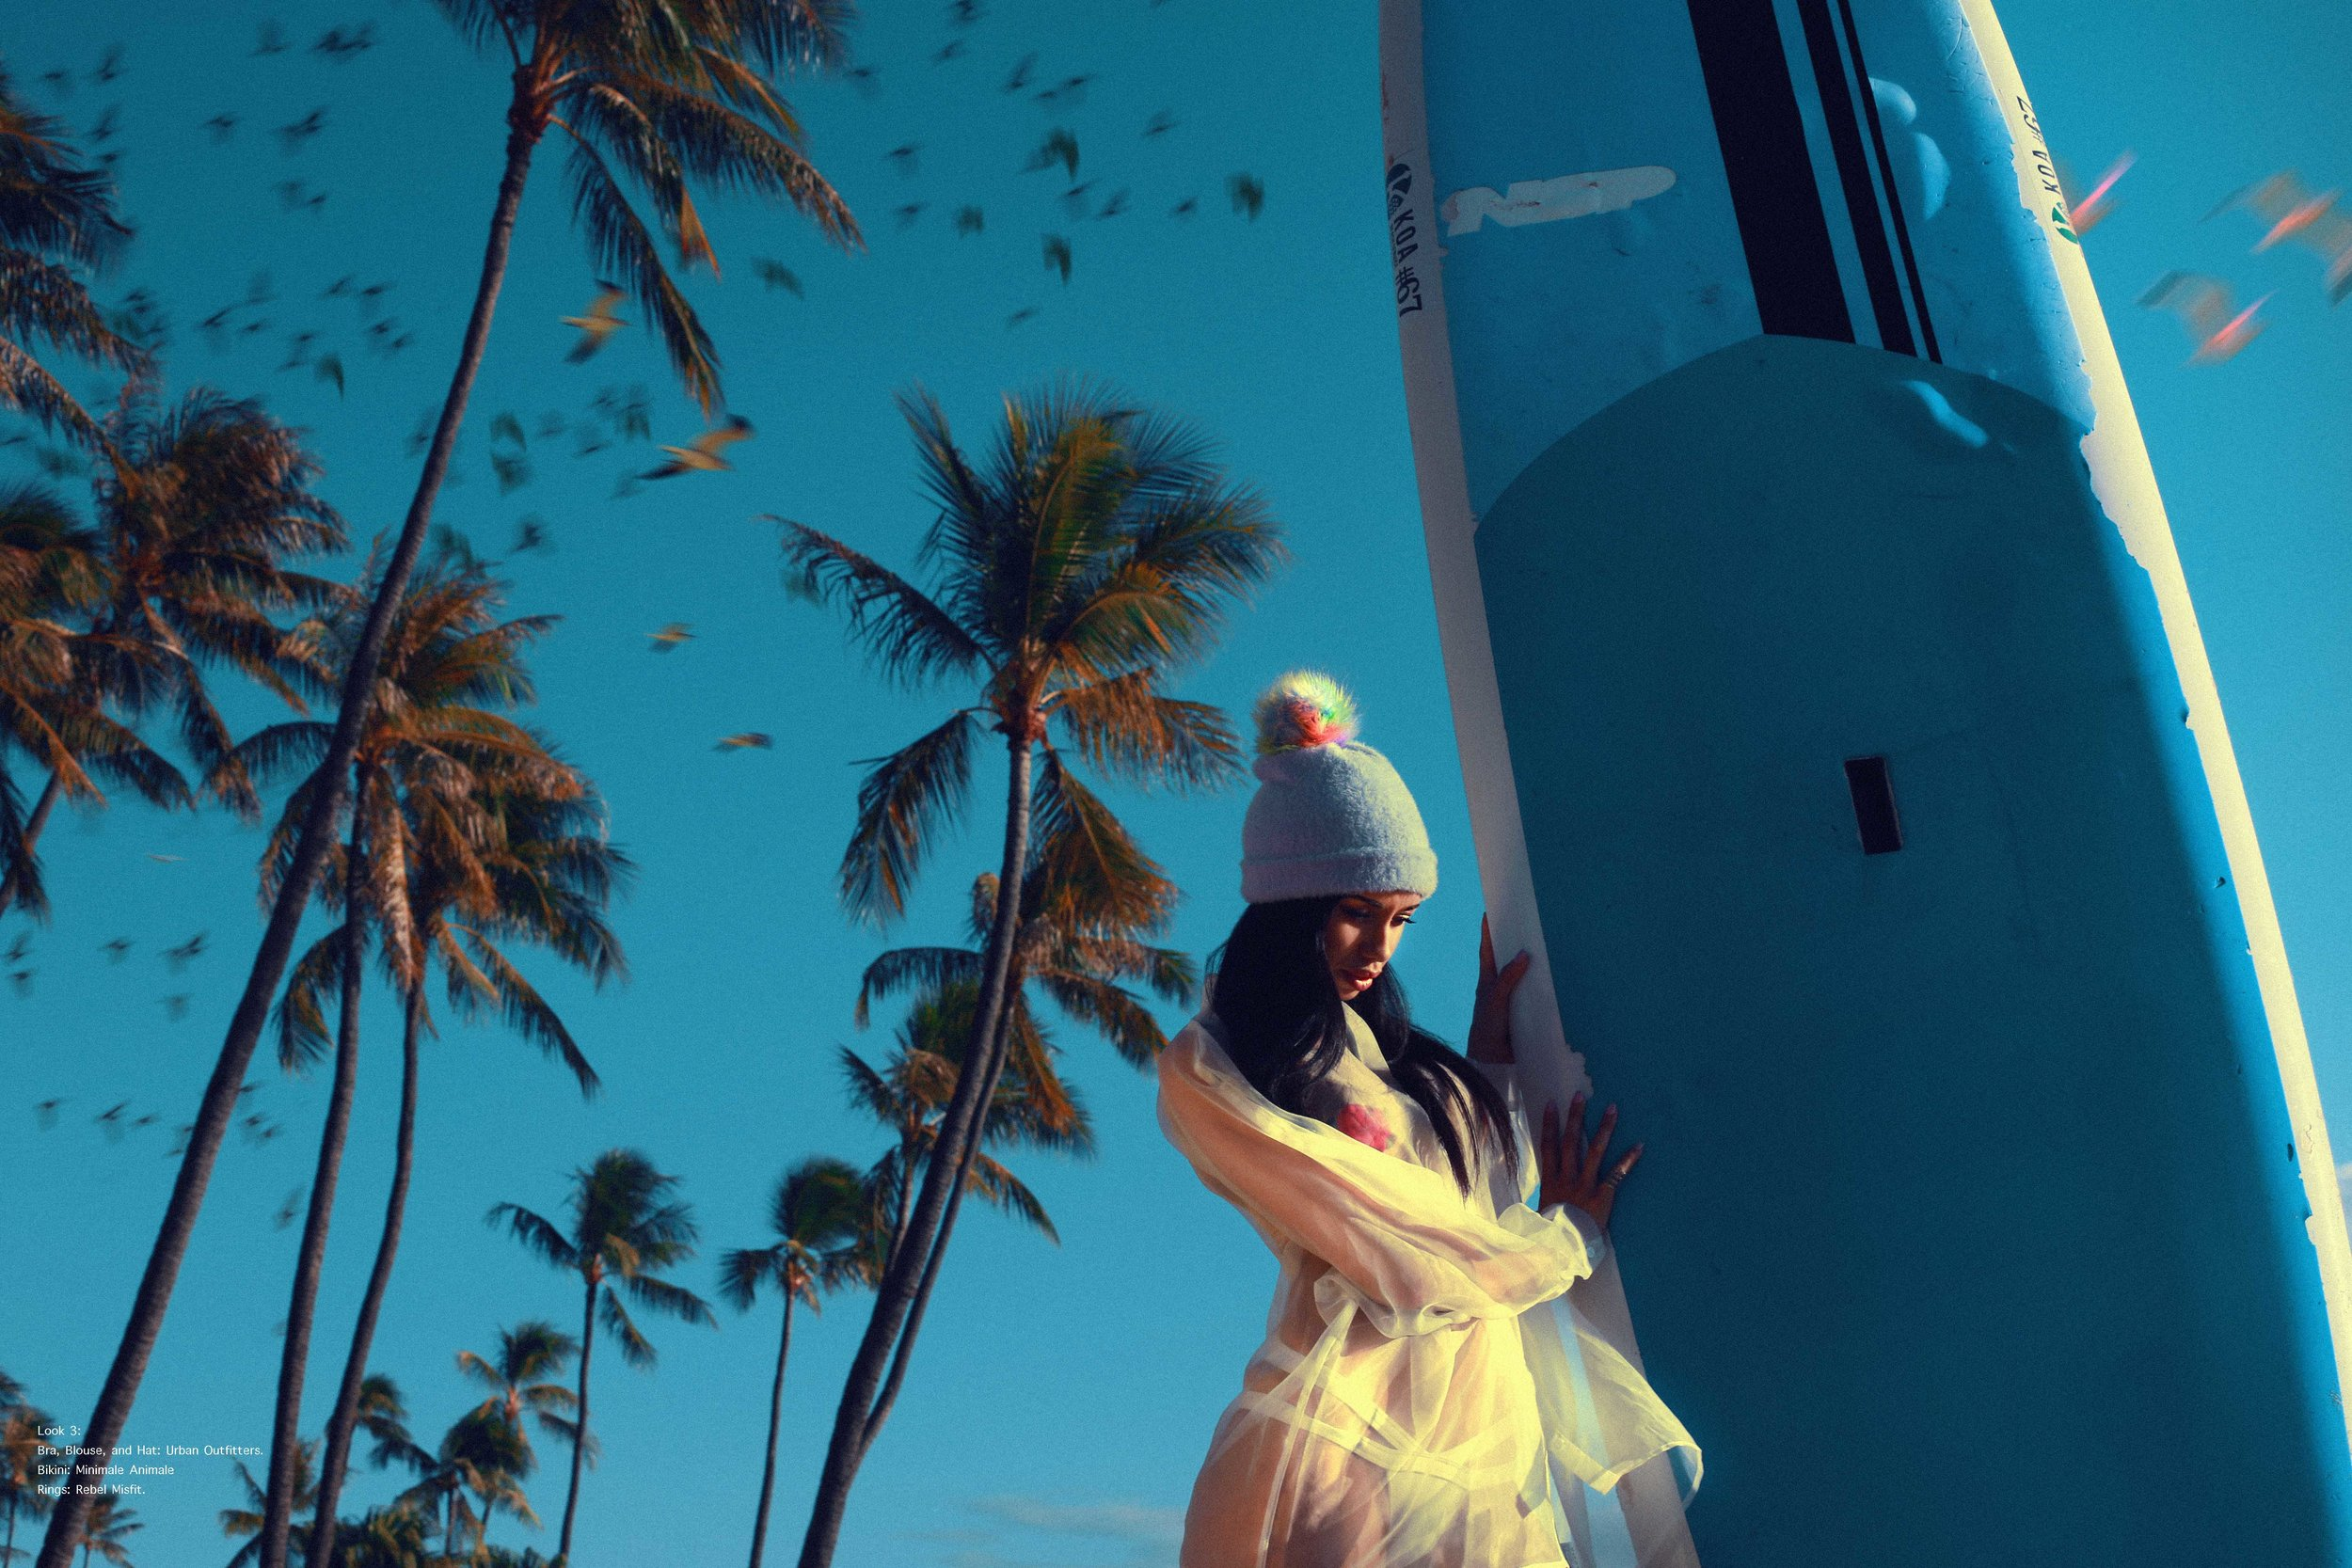 GIRL GLOBALIZED - Fashion Editorial Story by Alyssa Risley - IG @alyssarisley